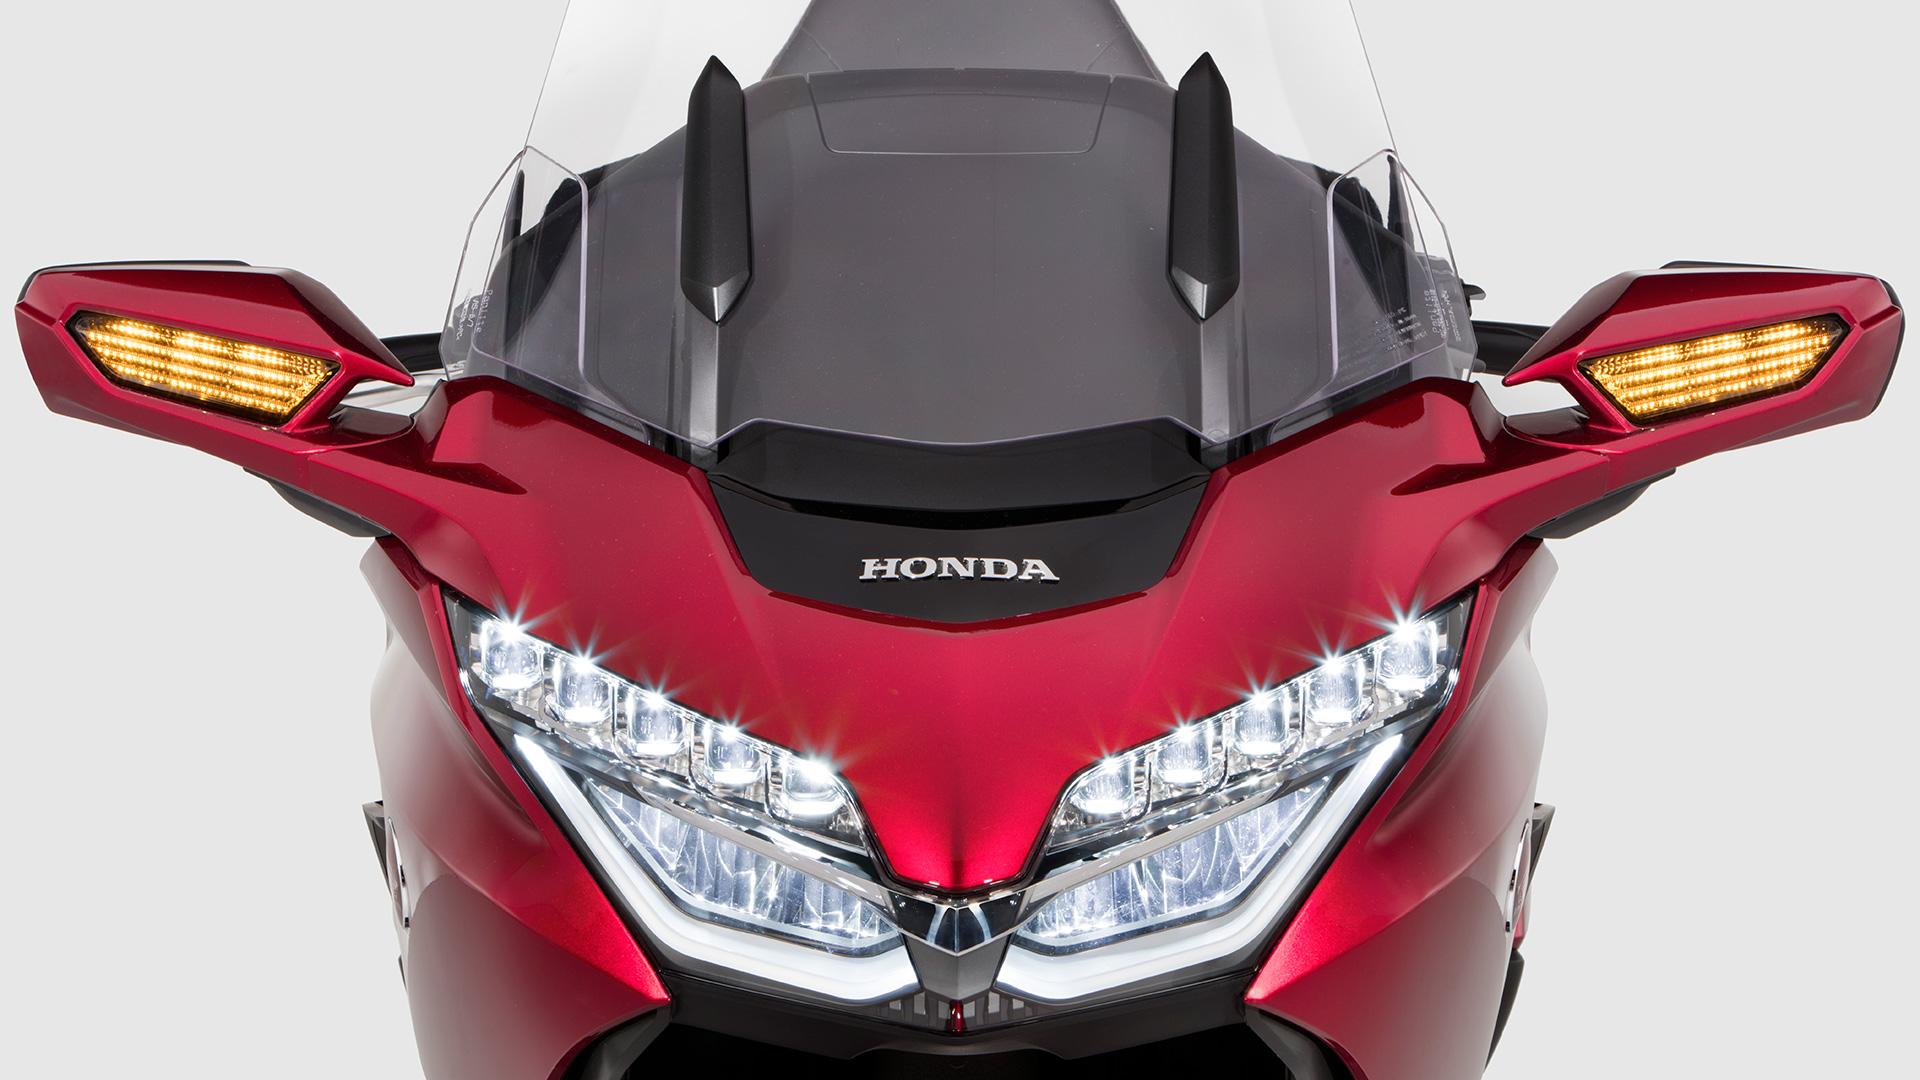 Honda-MKCA-13_HighBeams